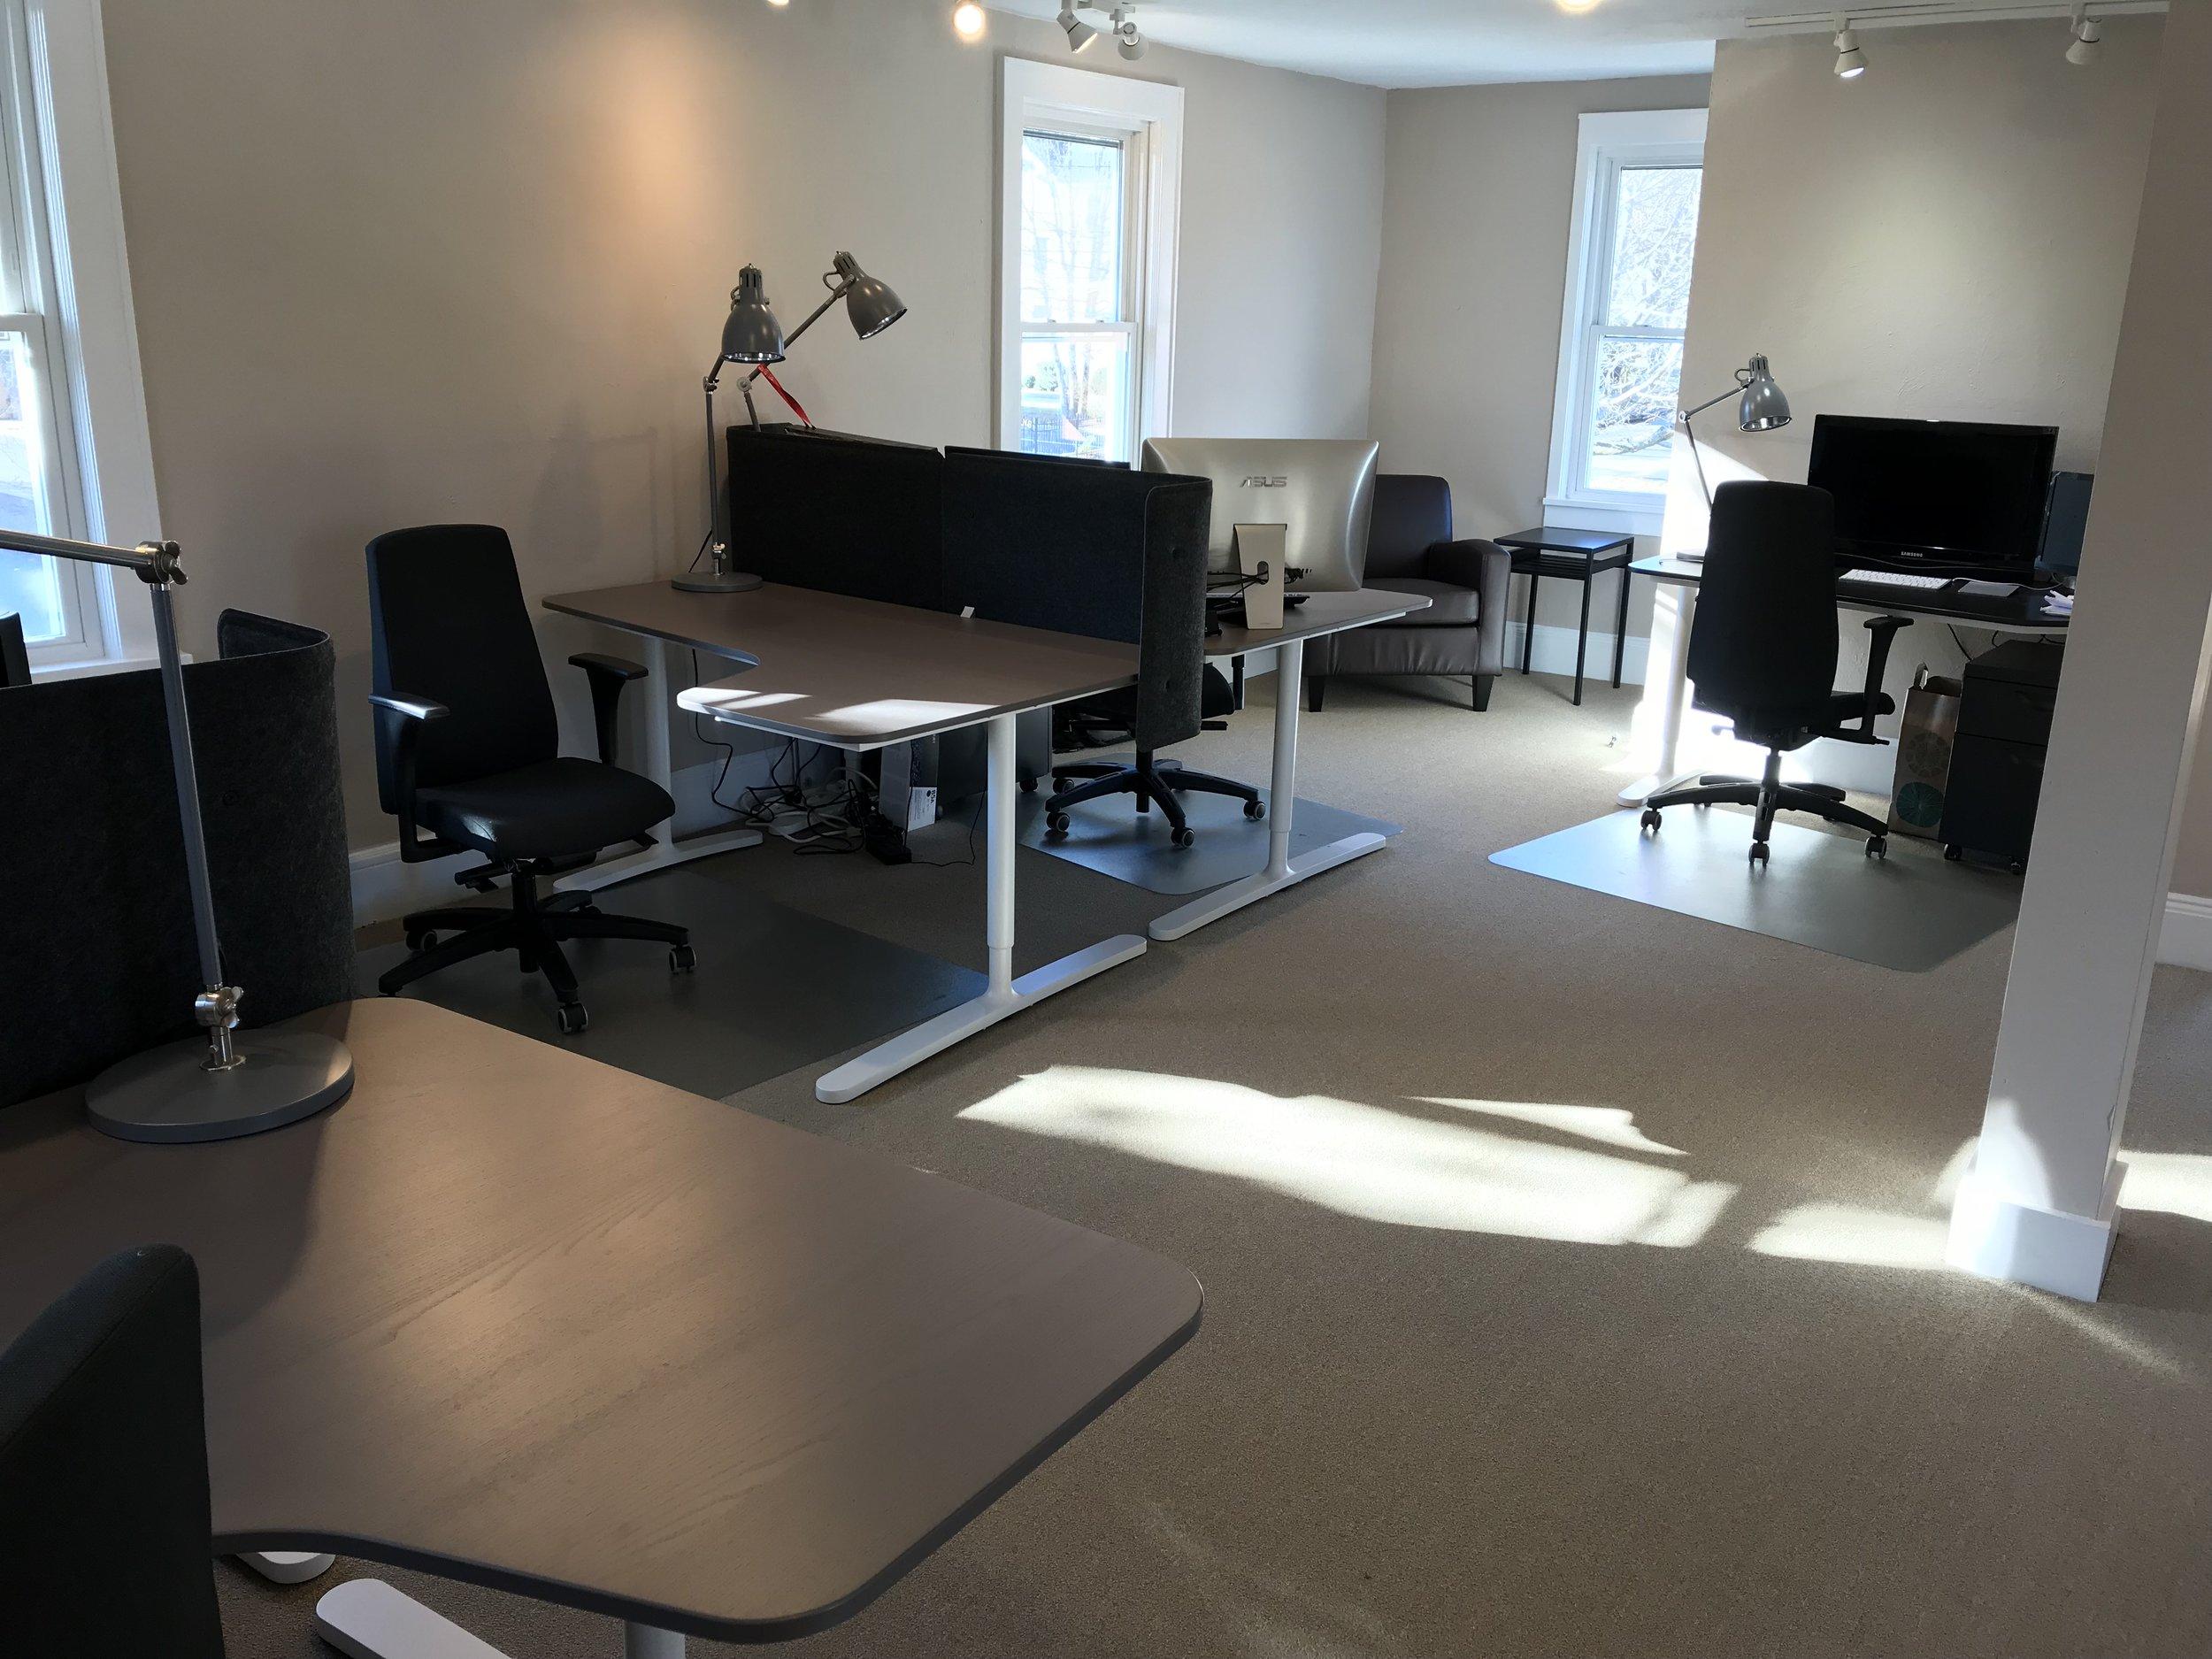 Second floor dedicated desks